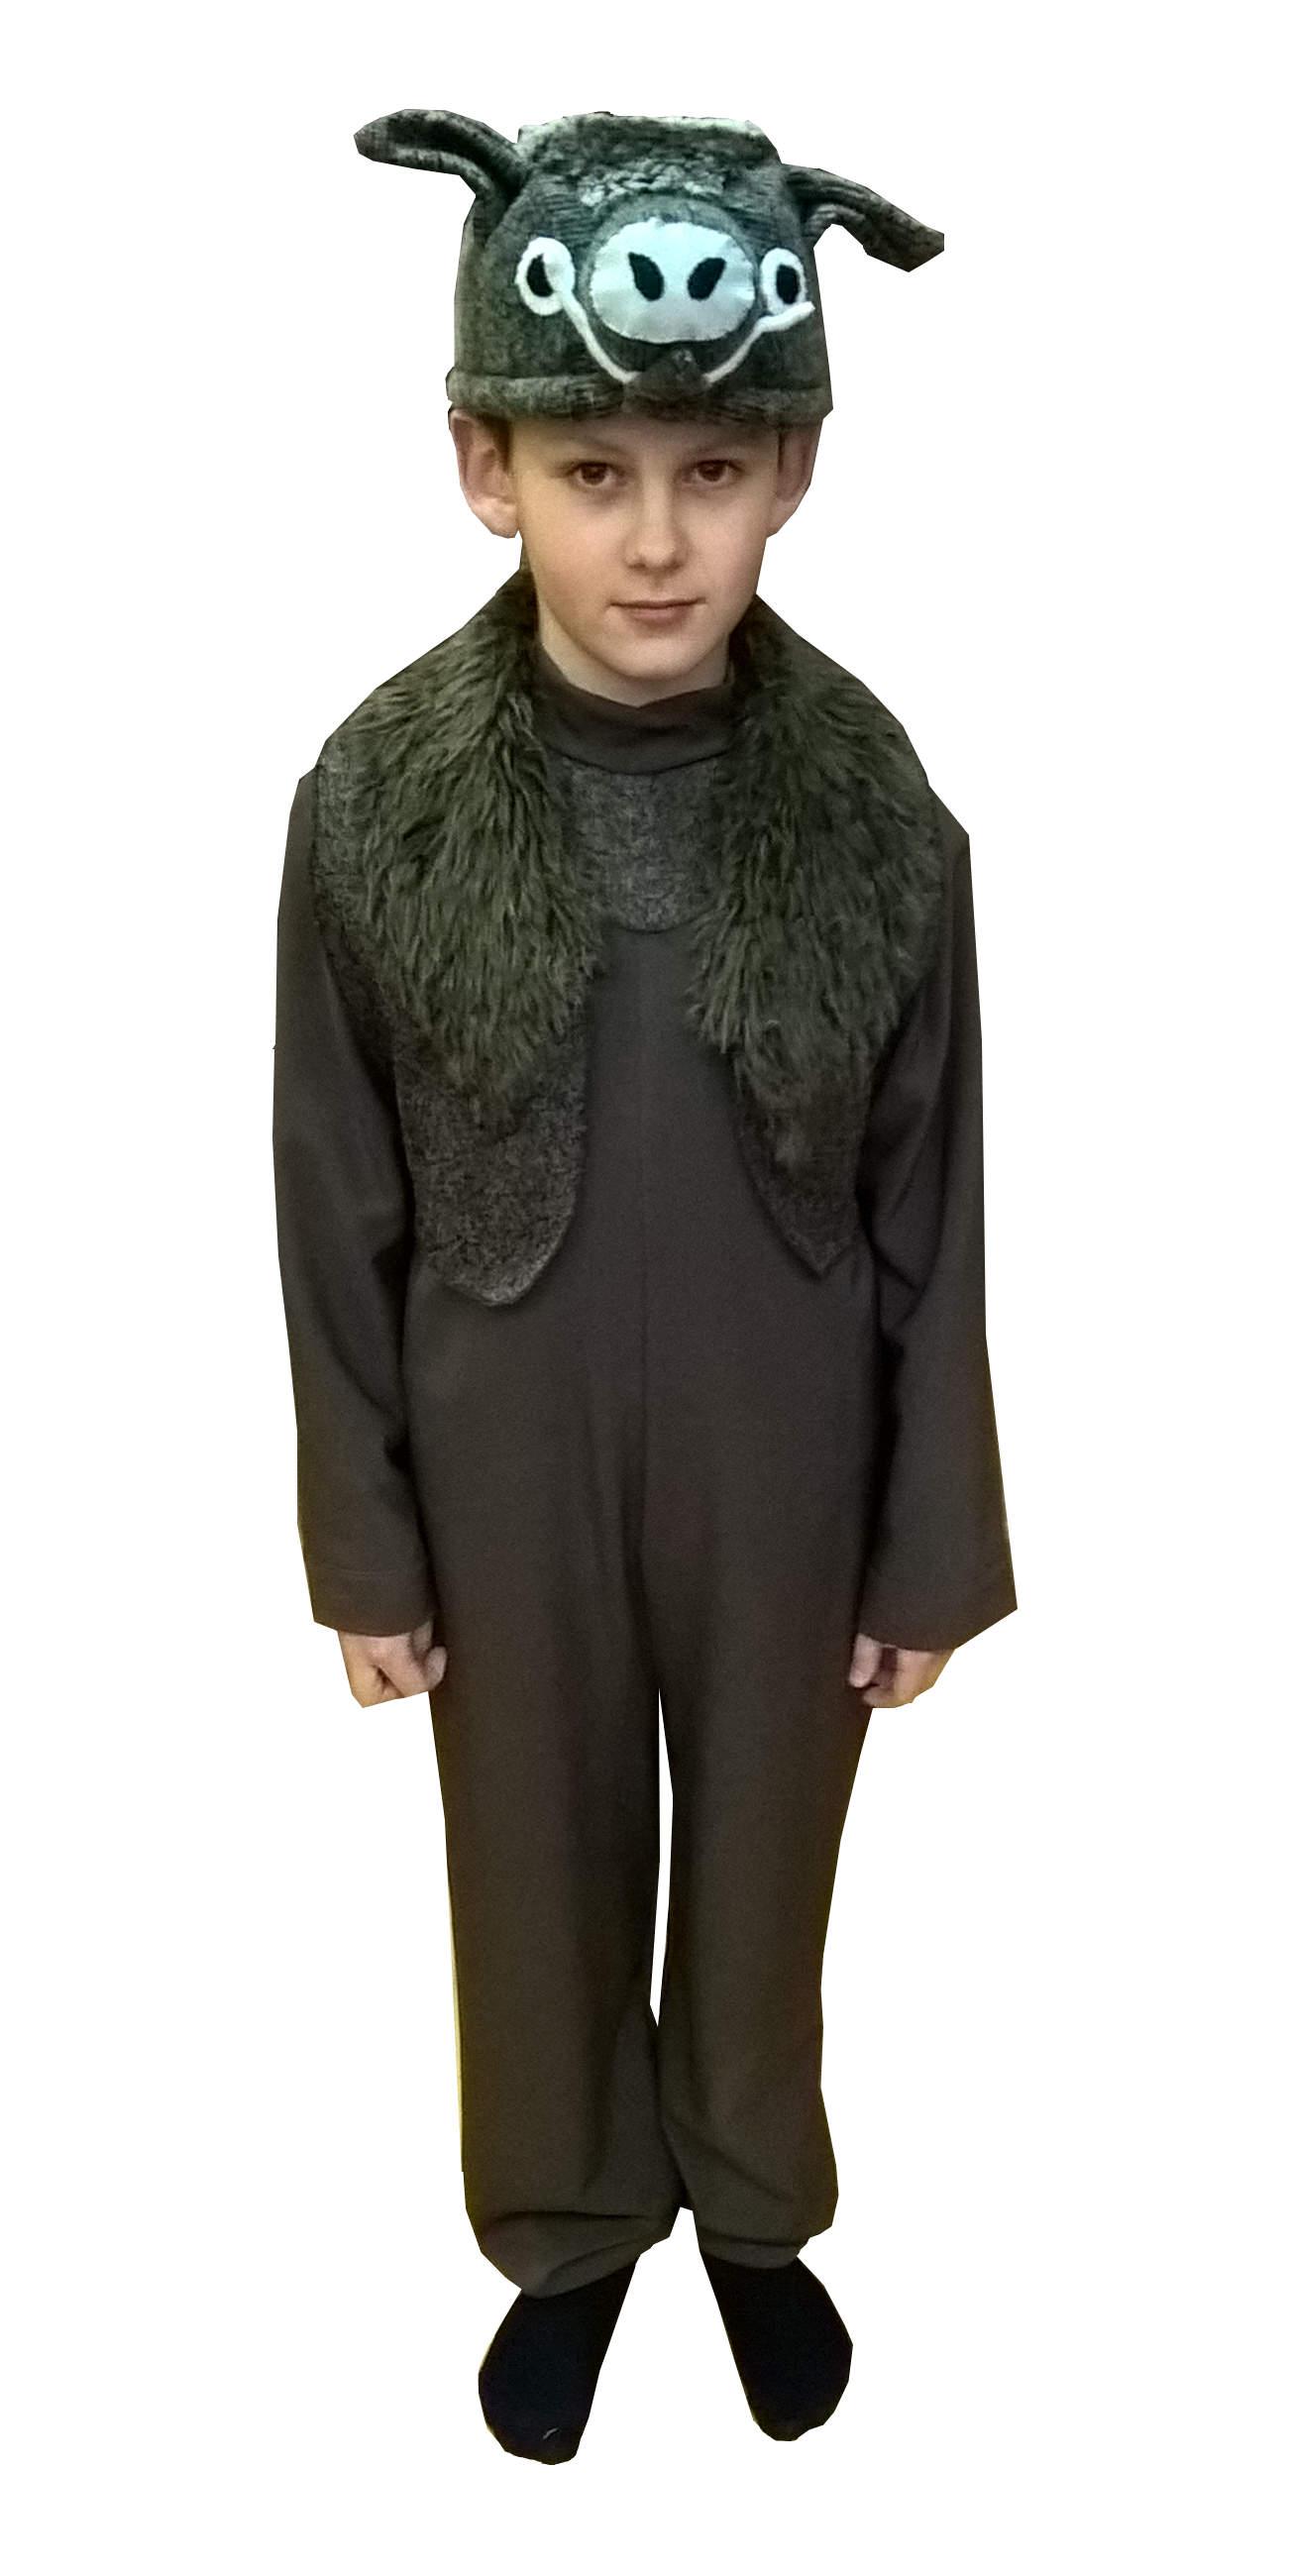 костюмный кабанa. Šerno kostiumas. Gyvunų karnavaliniai kostiumai. Karnavaliniu kostiumu nuoma vaikams Vilniuje - pasakunamai.lt